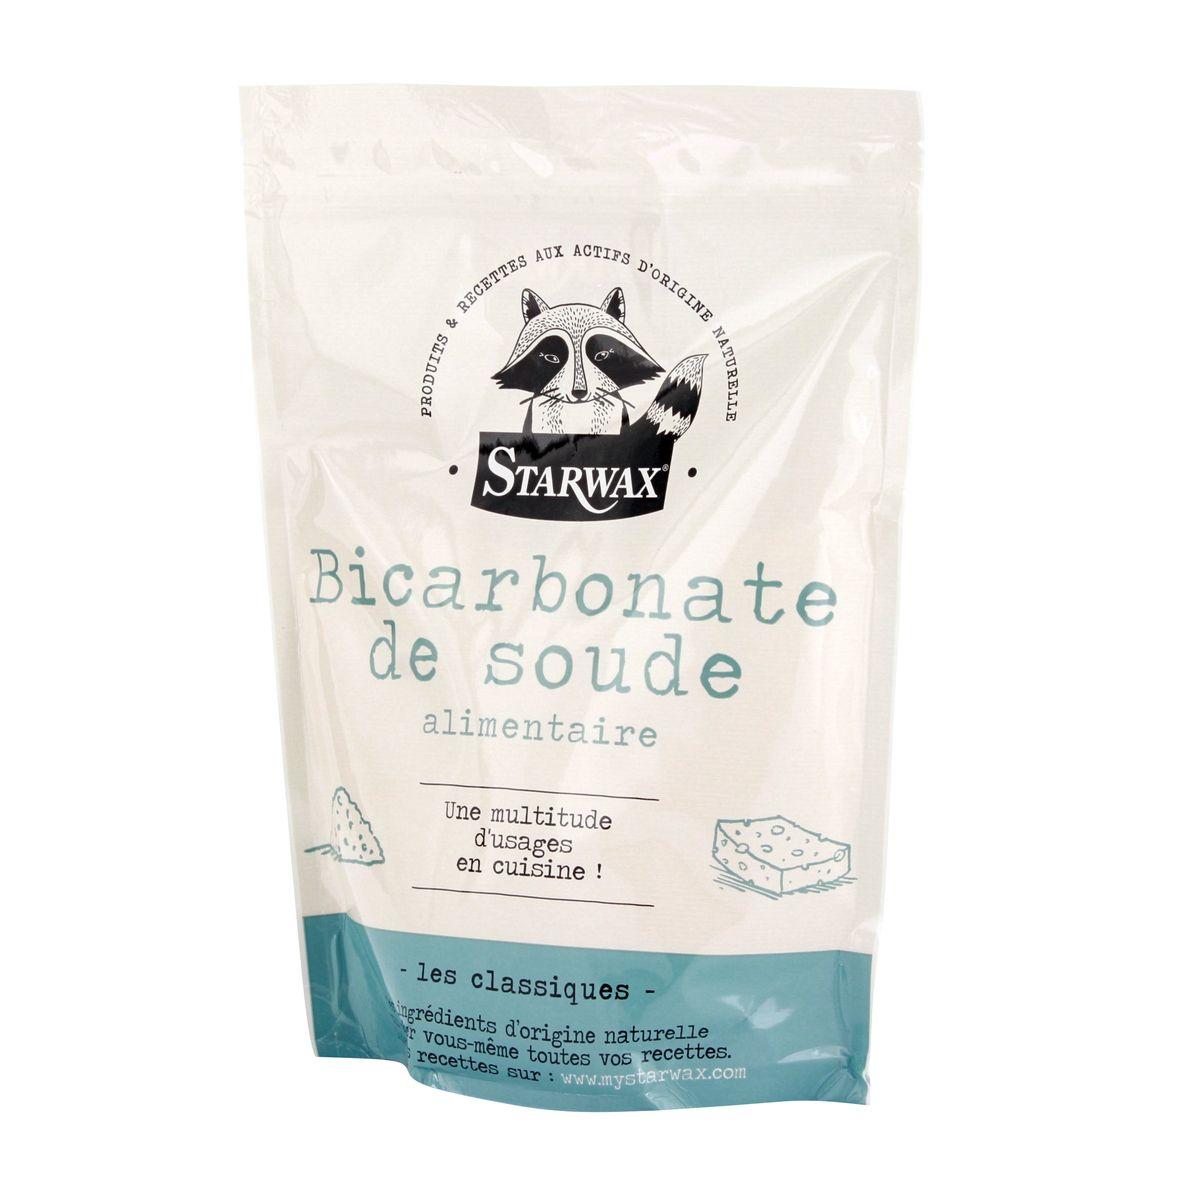 Sachet bicarbonate de soude alimentaire 1kg - Starwax